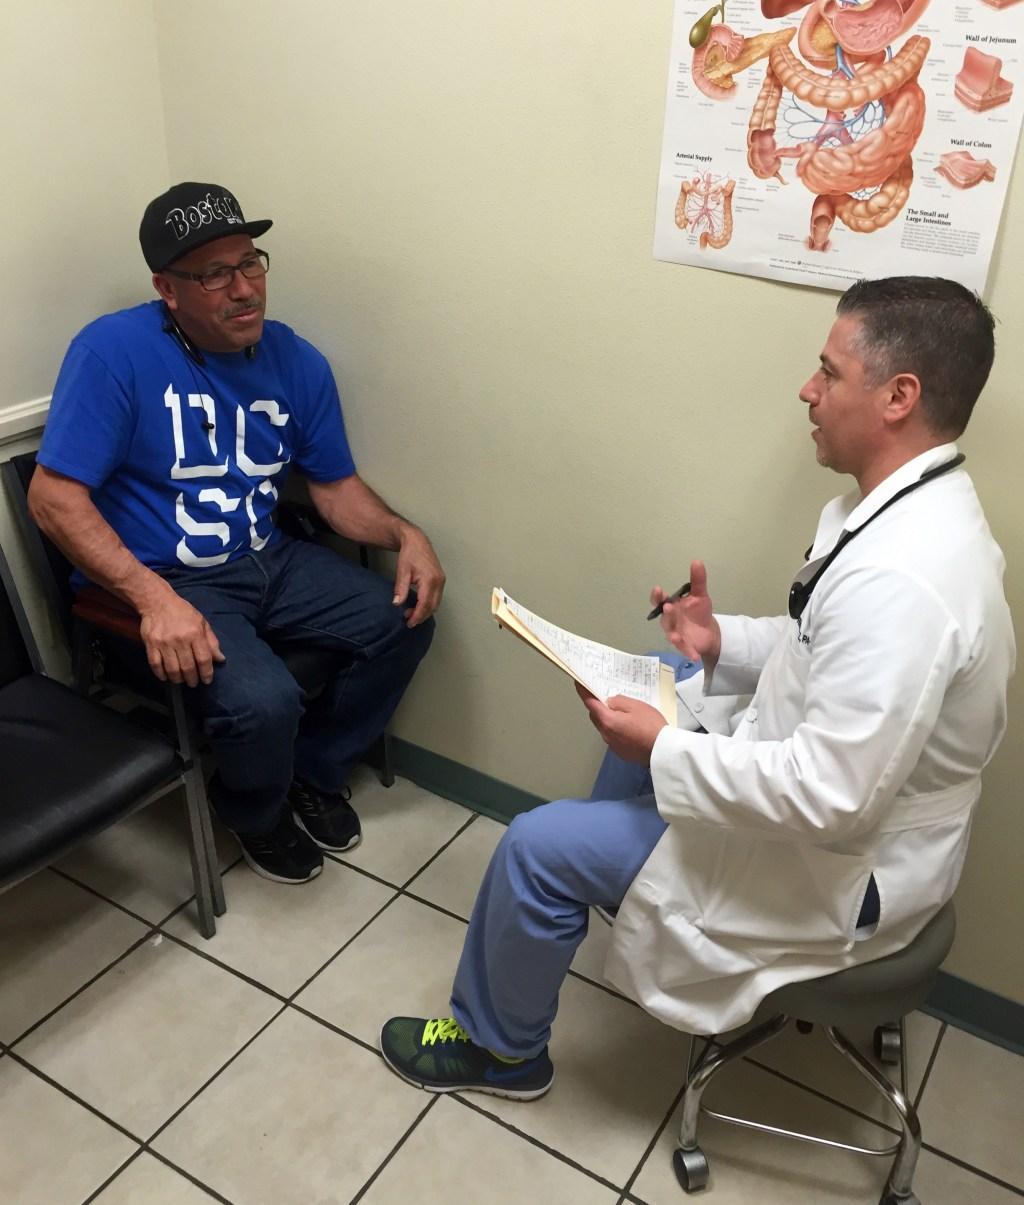 Atender a los pacientes con esmero es un hábito para el Dr. Velázquez.